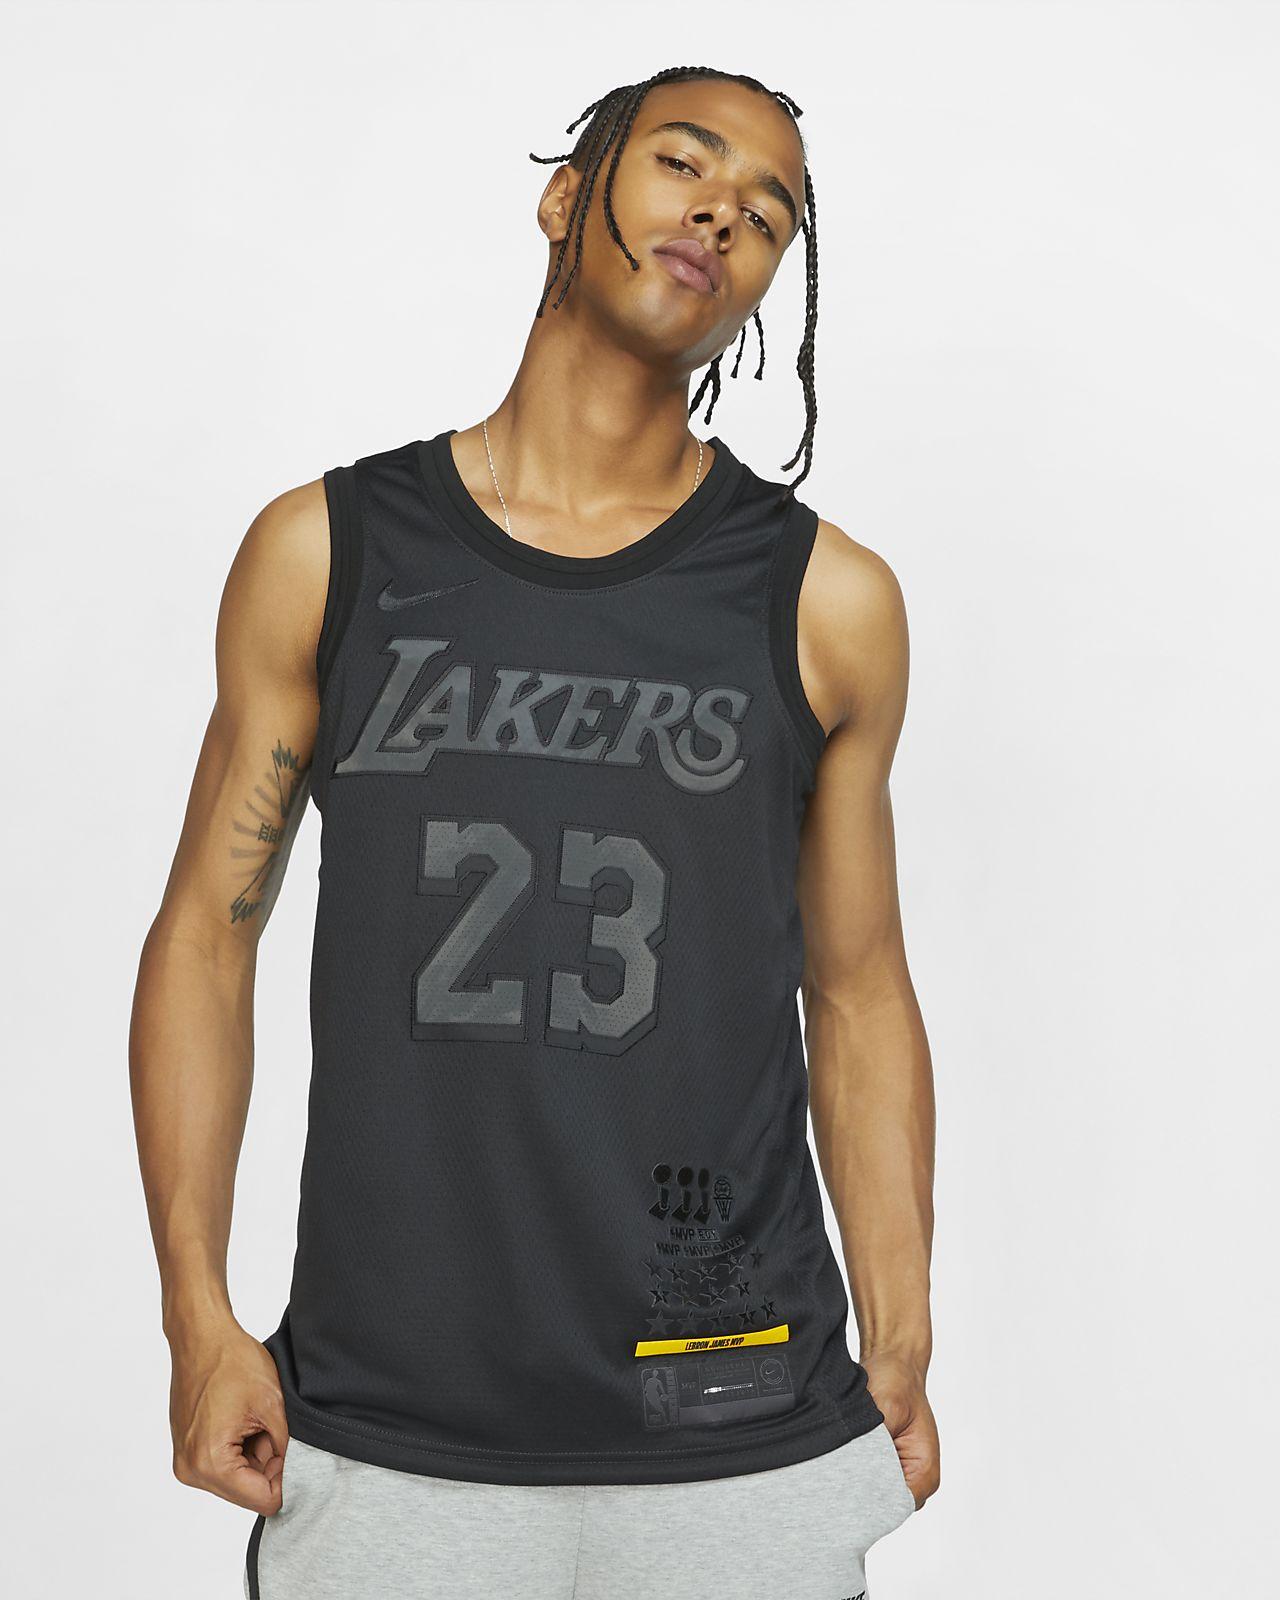 レブロン ジェームズ MVP スウィングマン (ロサンゼルス・レイカーズ) メンズ ナイキ NBA コネクテッド ジャージー